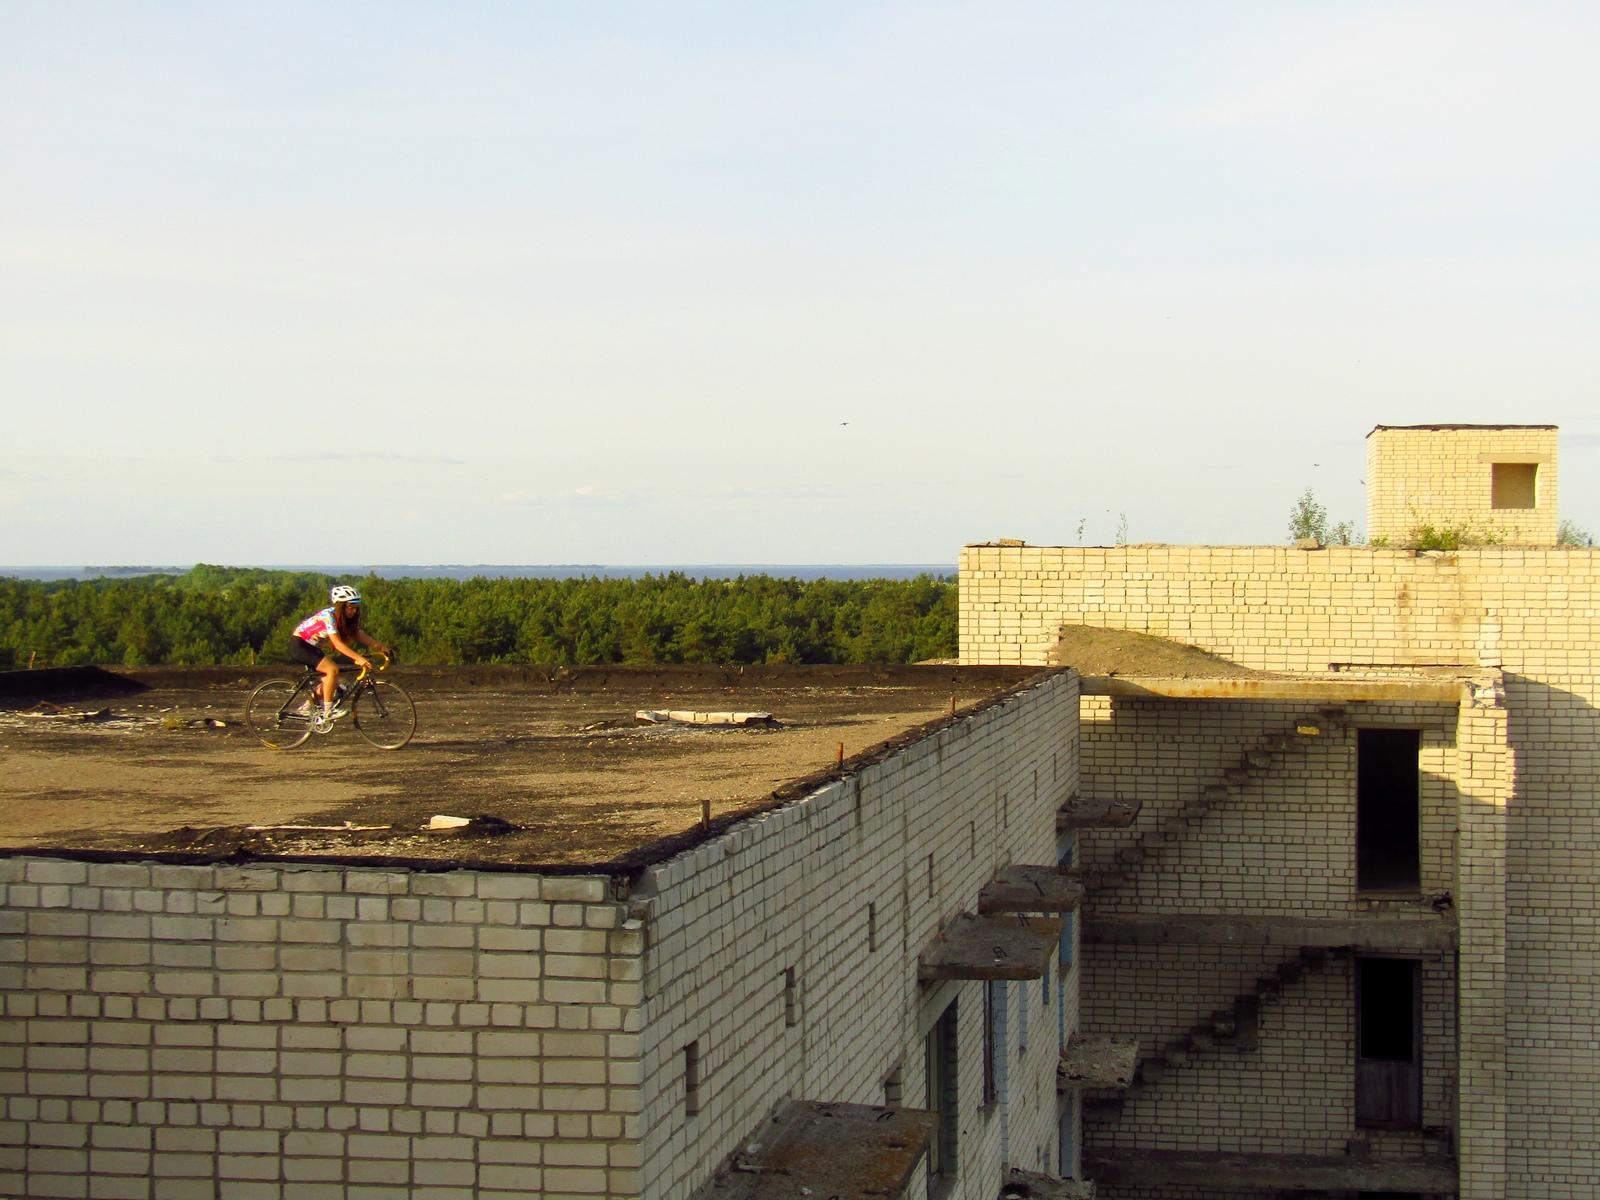 Катаємось на даху покинутого будинку в Орбіті